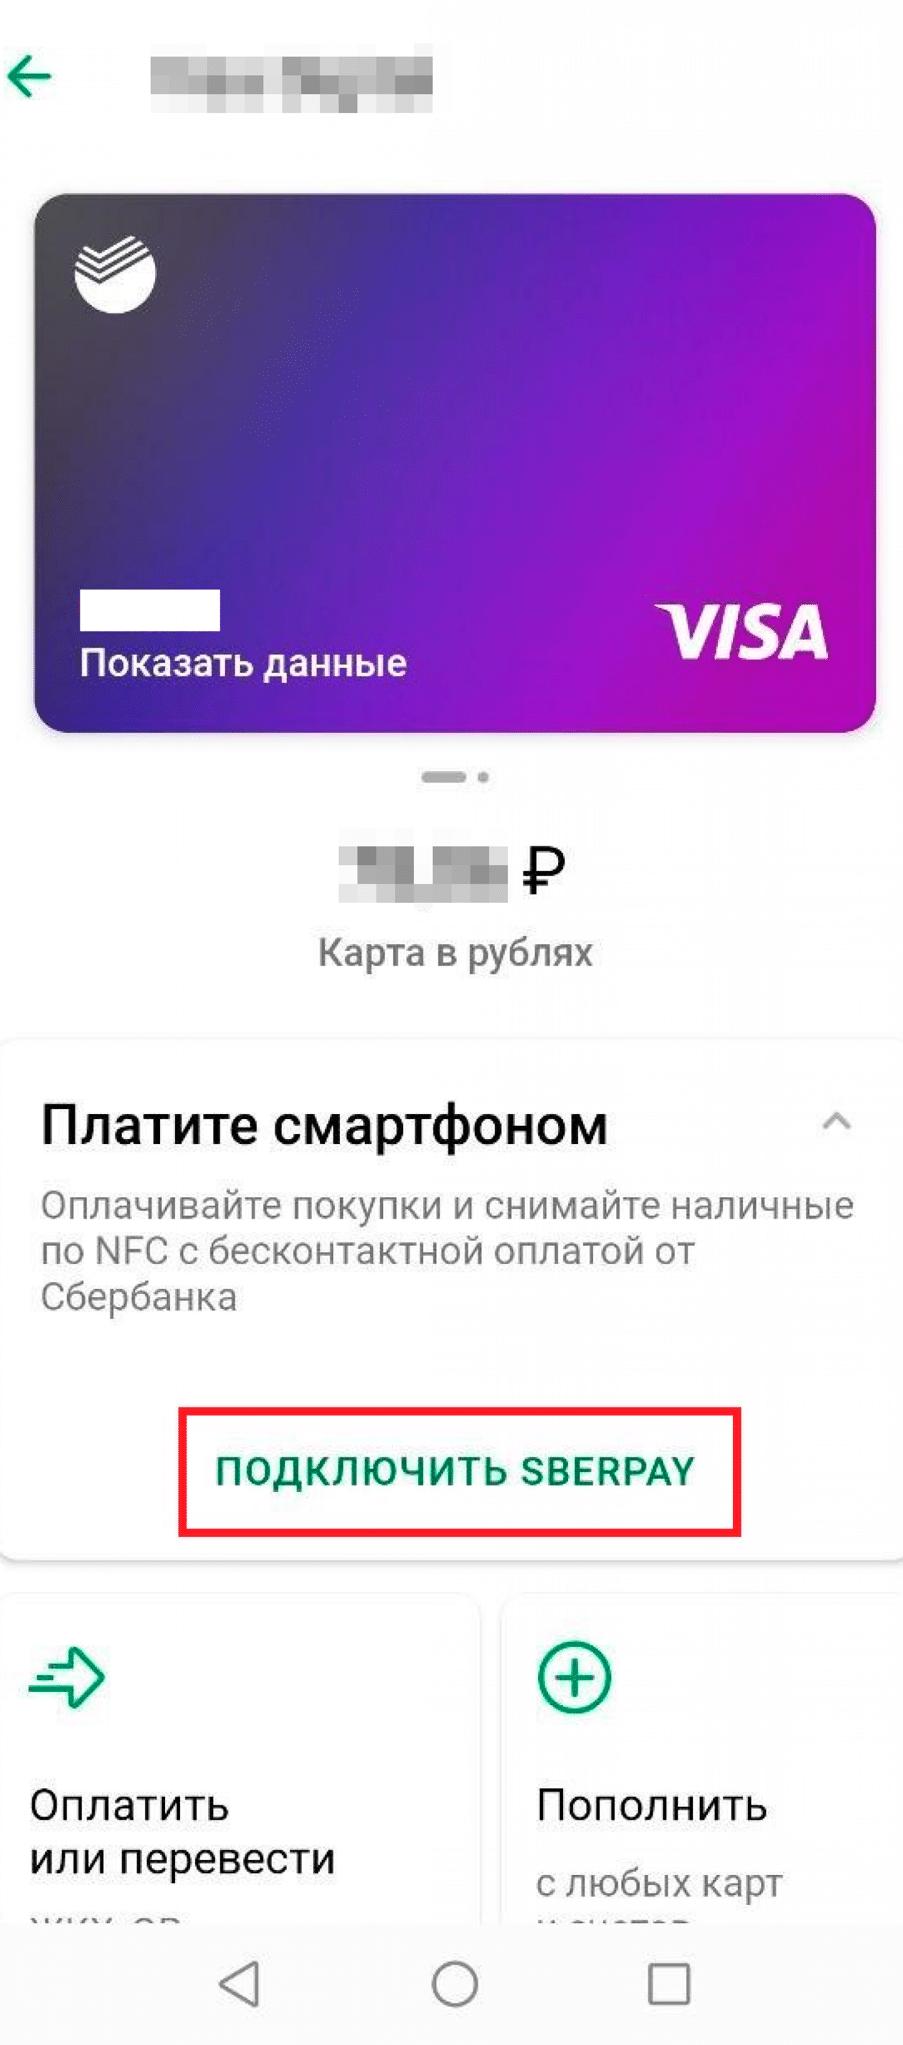 Подключить SberPay